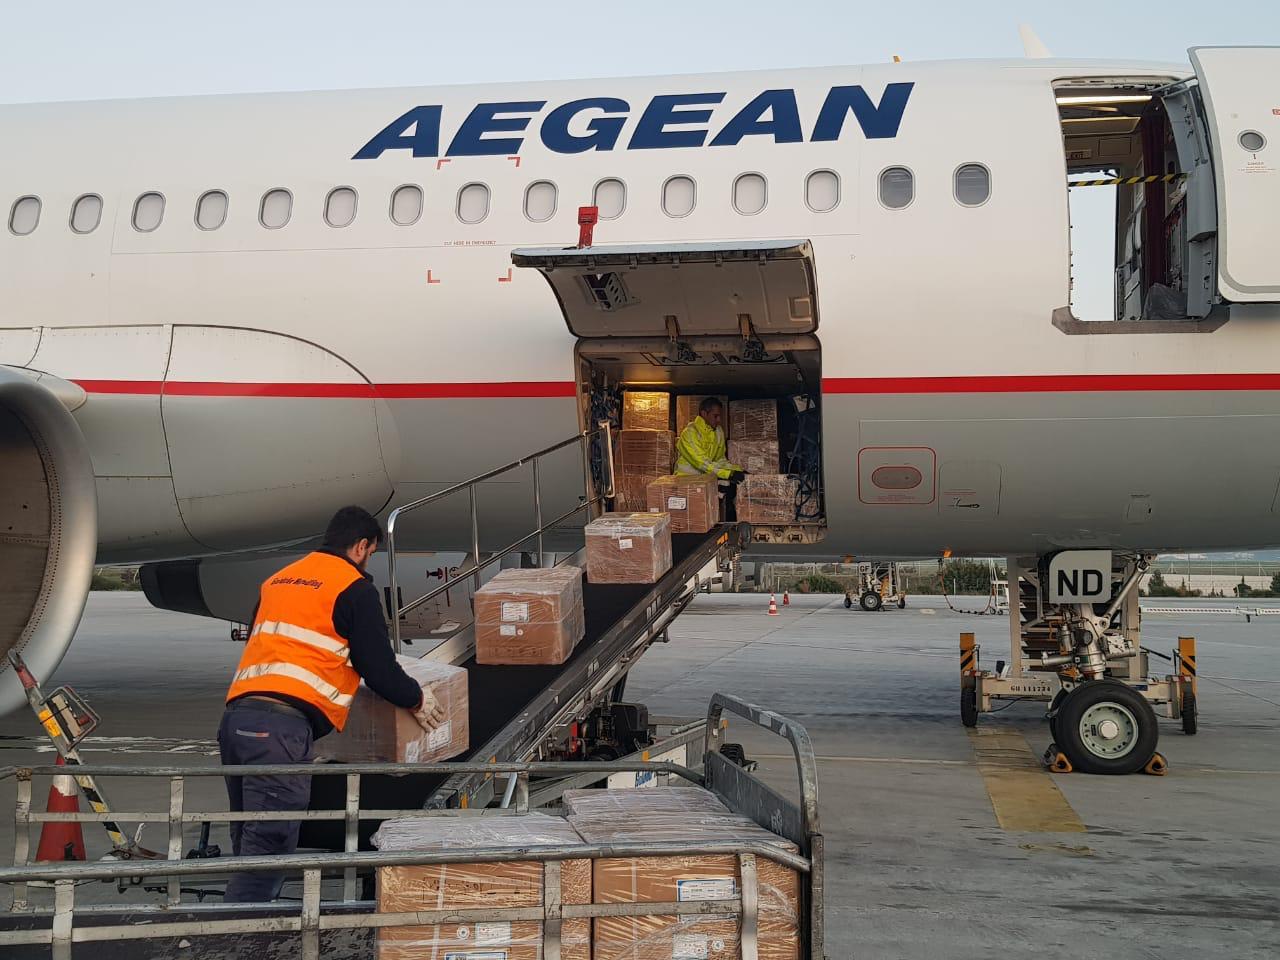 Η στιγμή που το υγειονομικό υλικό ξεφορτώνεται από το αεροσκάφος της Aegean